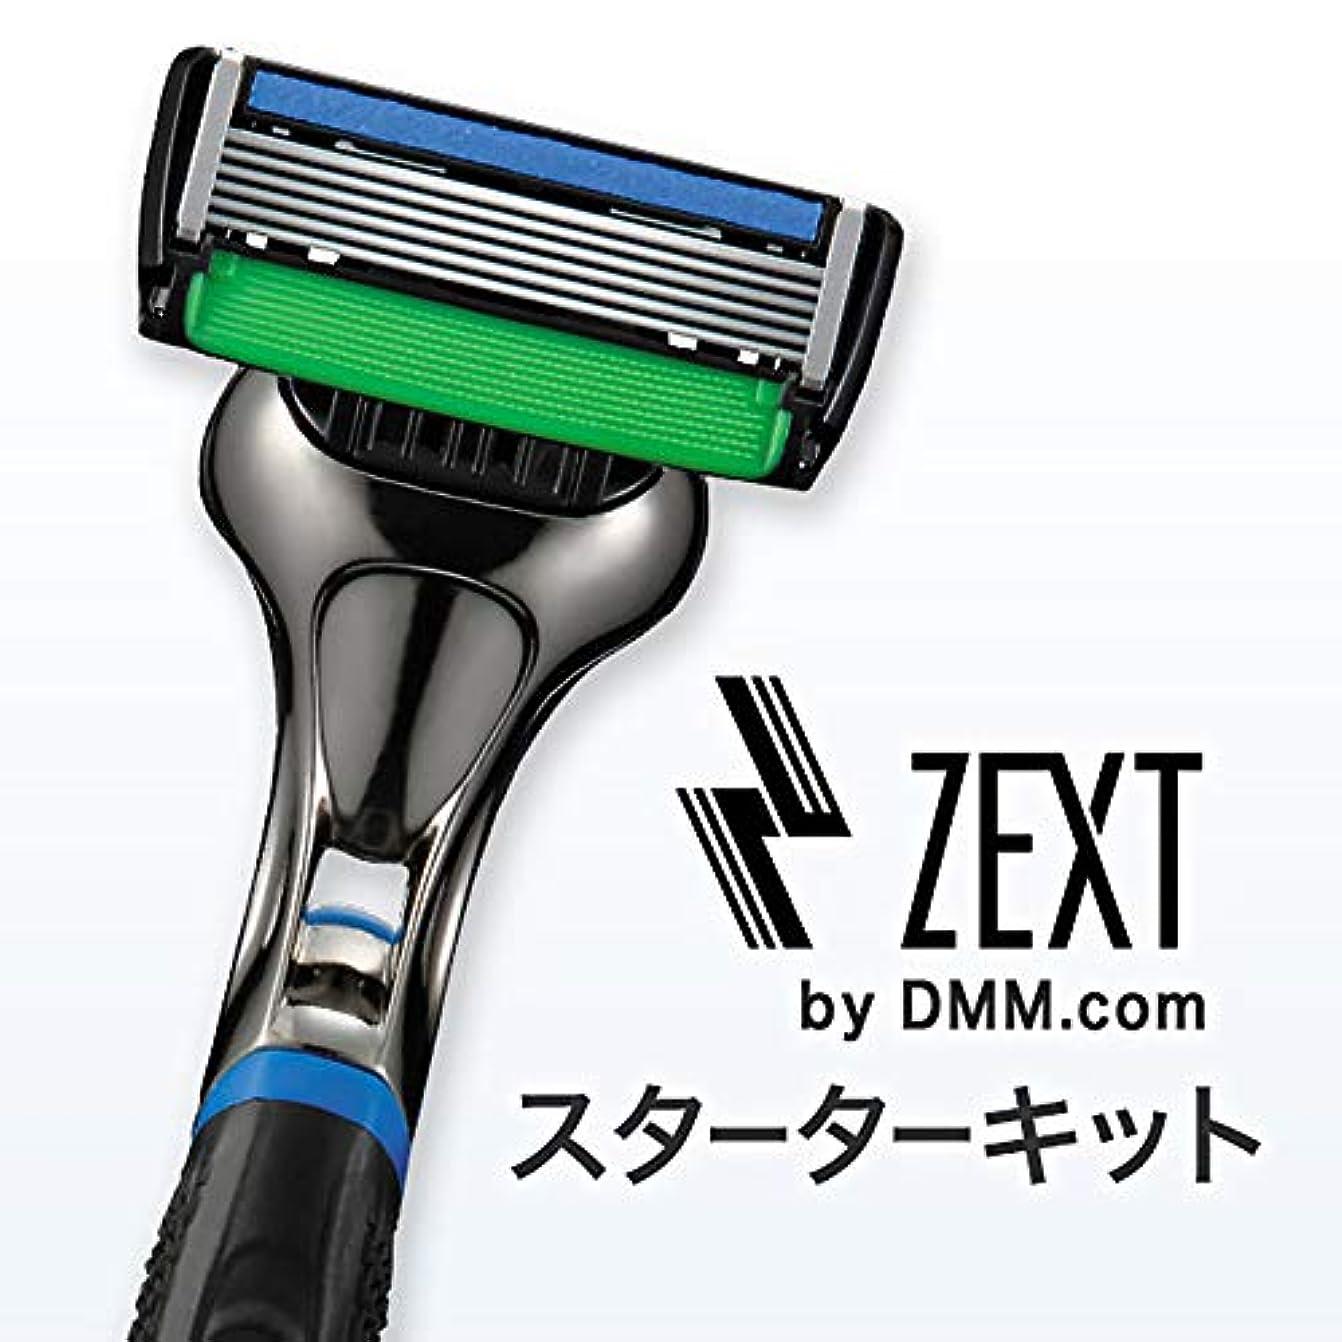 ZEXT 6枚刃カミソリ 本体替刃1個付